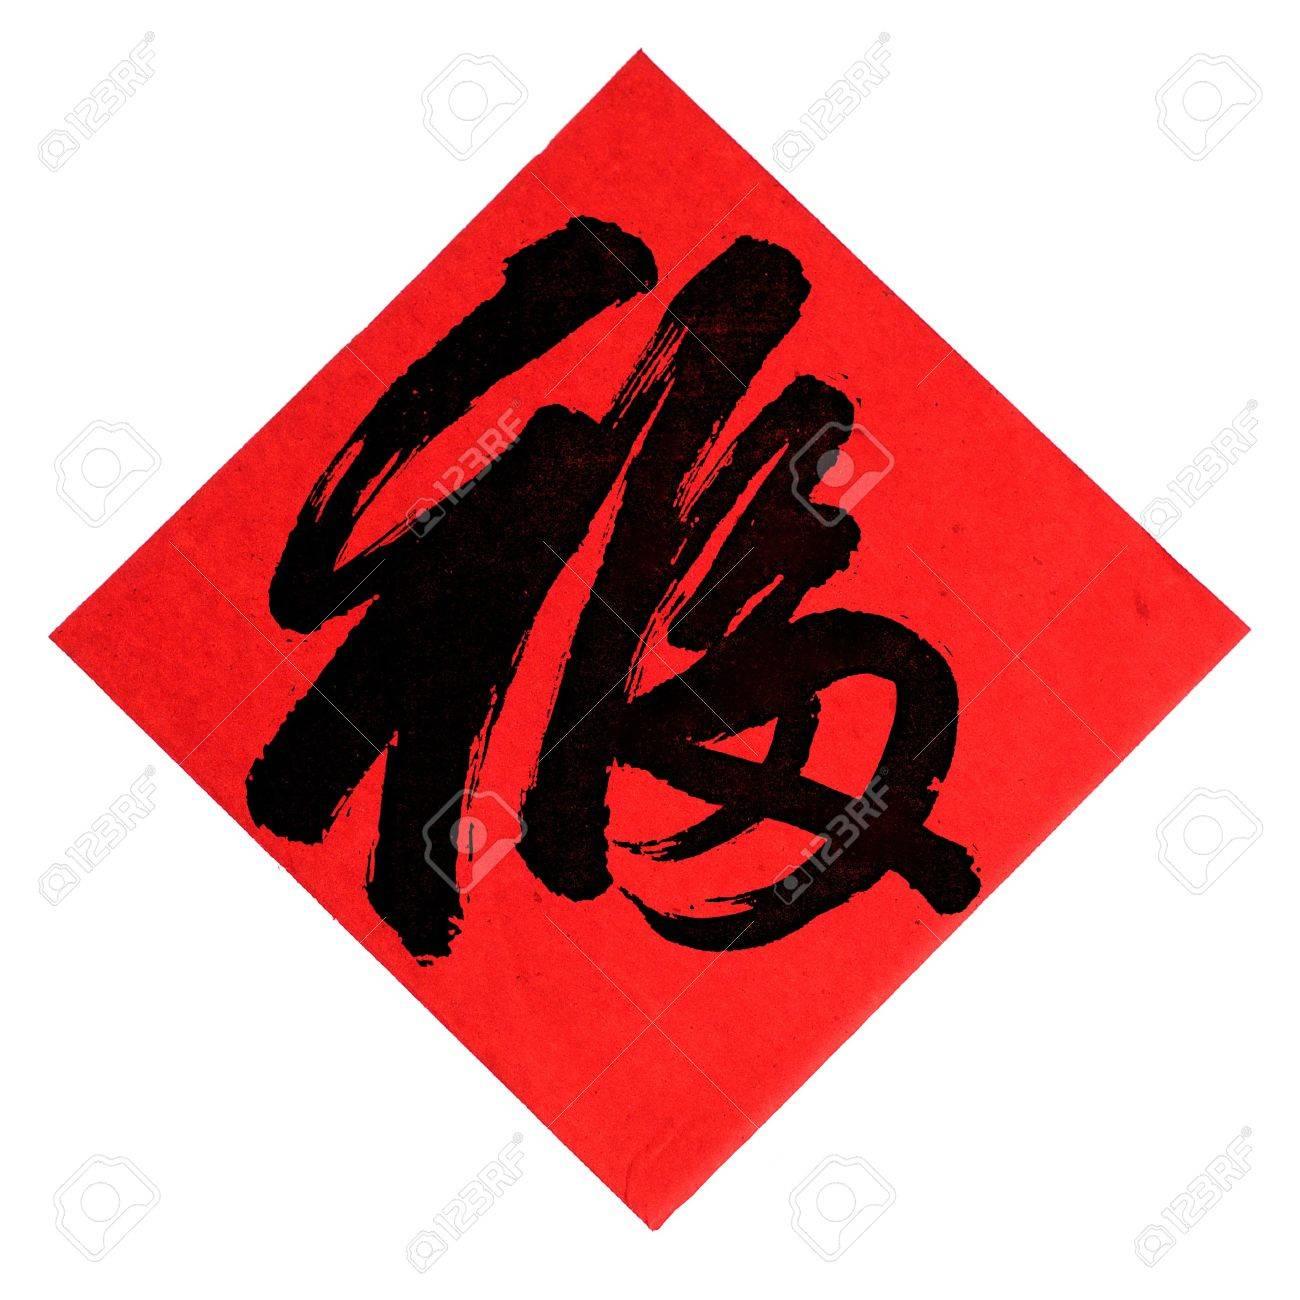 Chinesischer Kalligraphie Auf Red Paper Enthalten Bedeutung Für ...